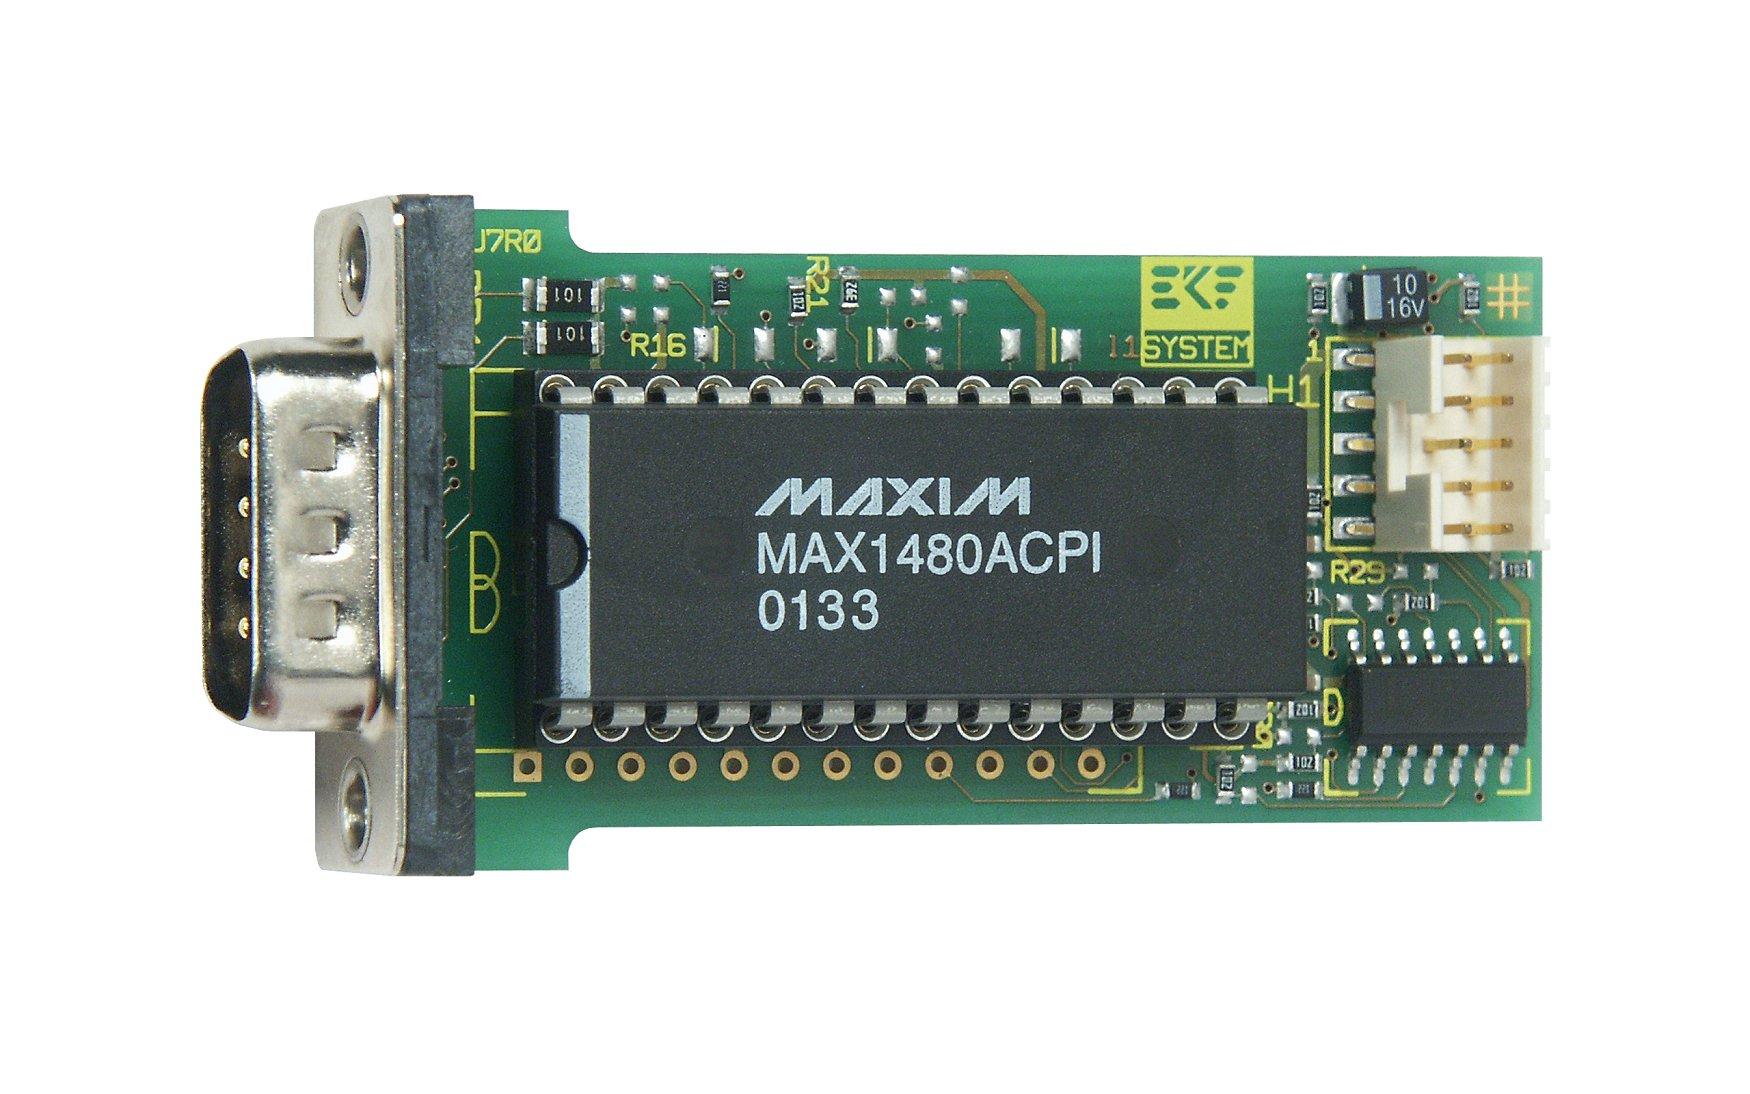 Ekf Compactpci Products  Cu7